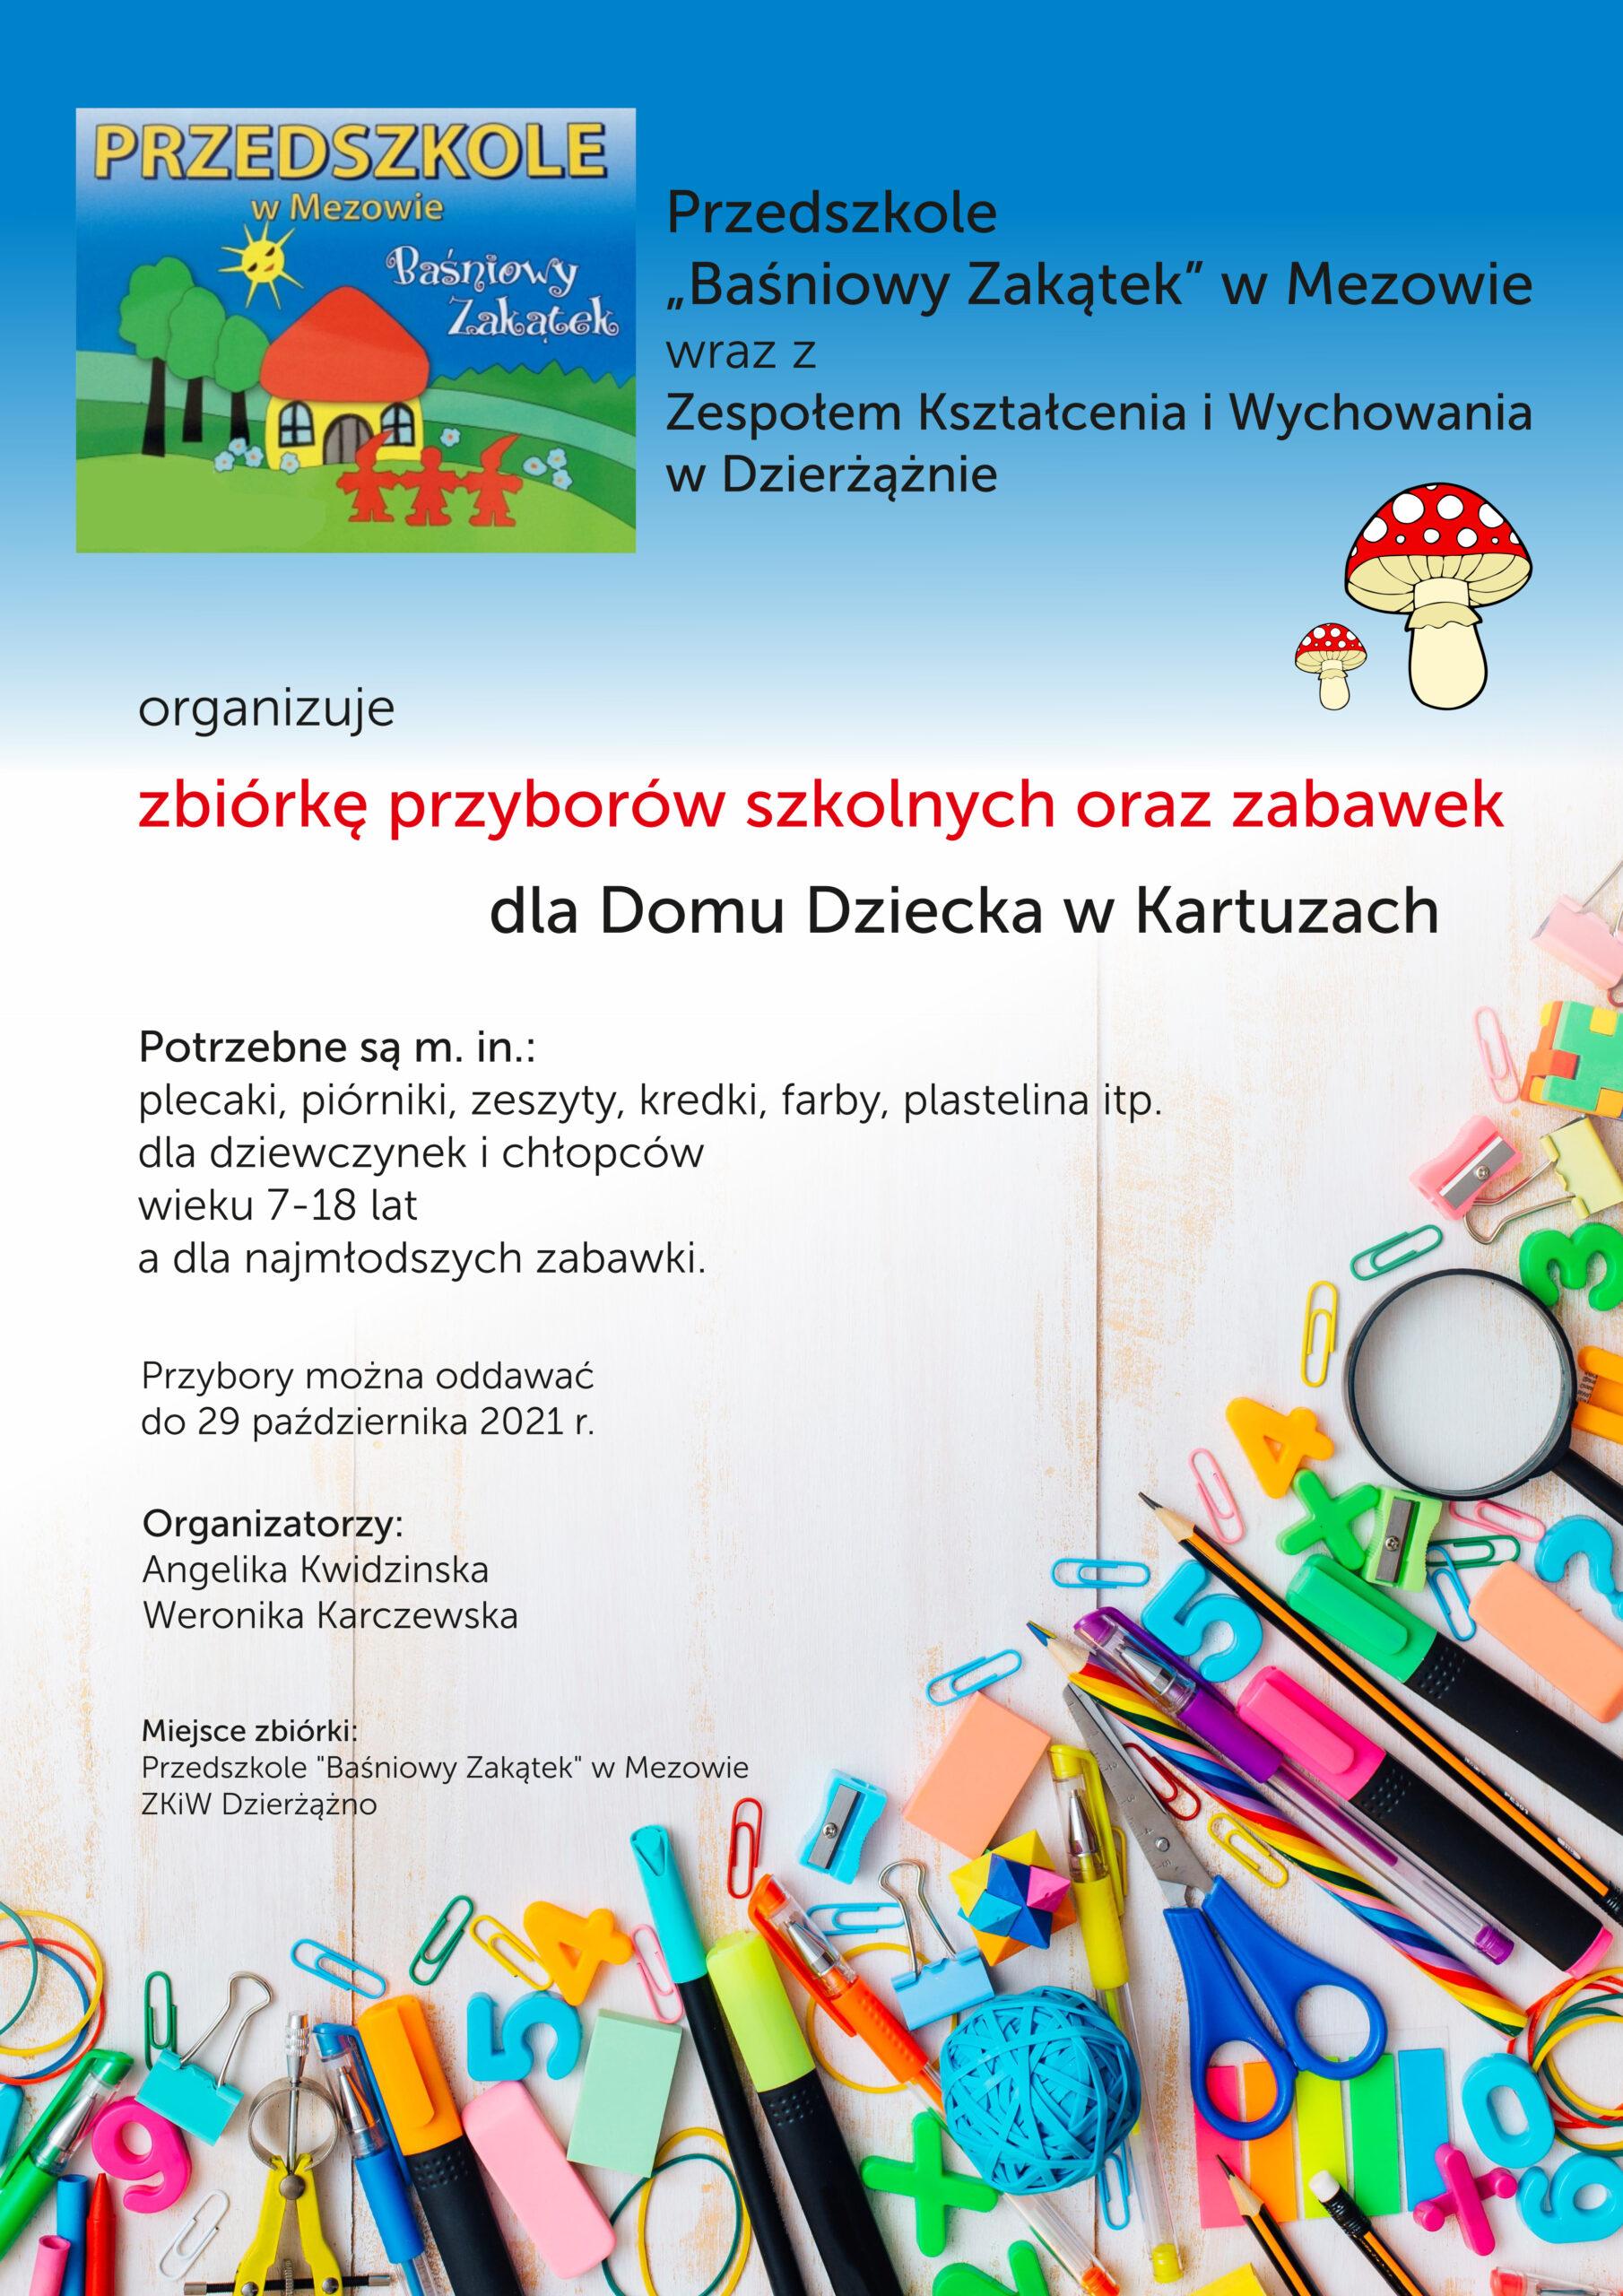 Zbiórka przyborów szkolnych oraz zabawek dla Domu Dziecka w Kartuzach